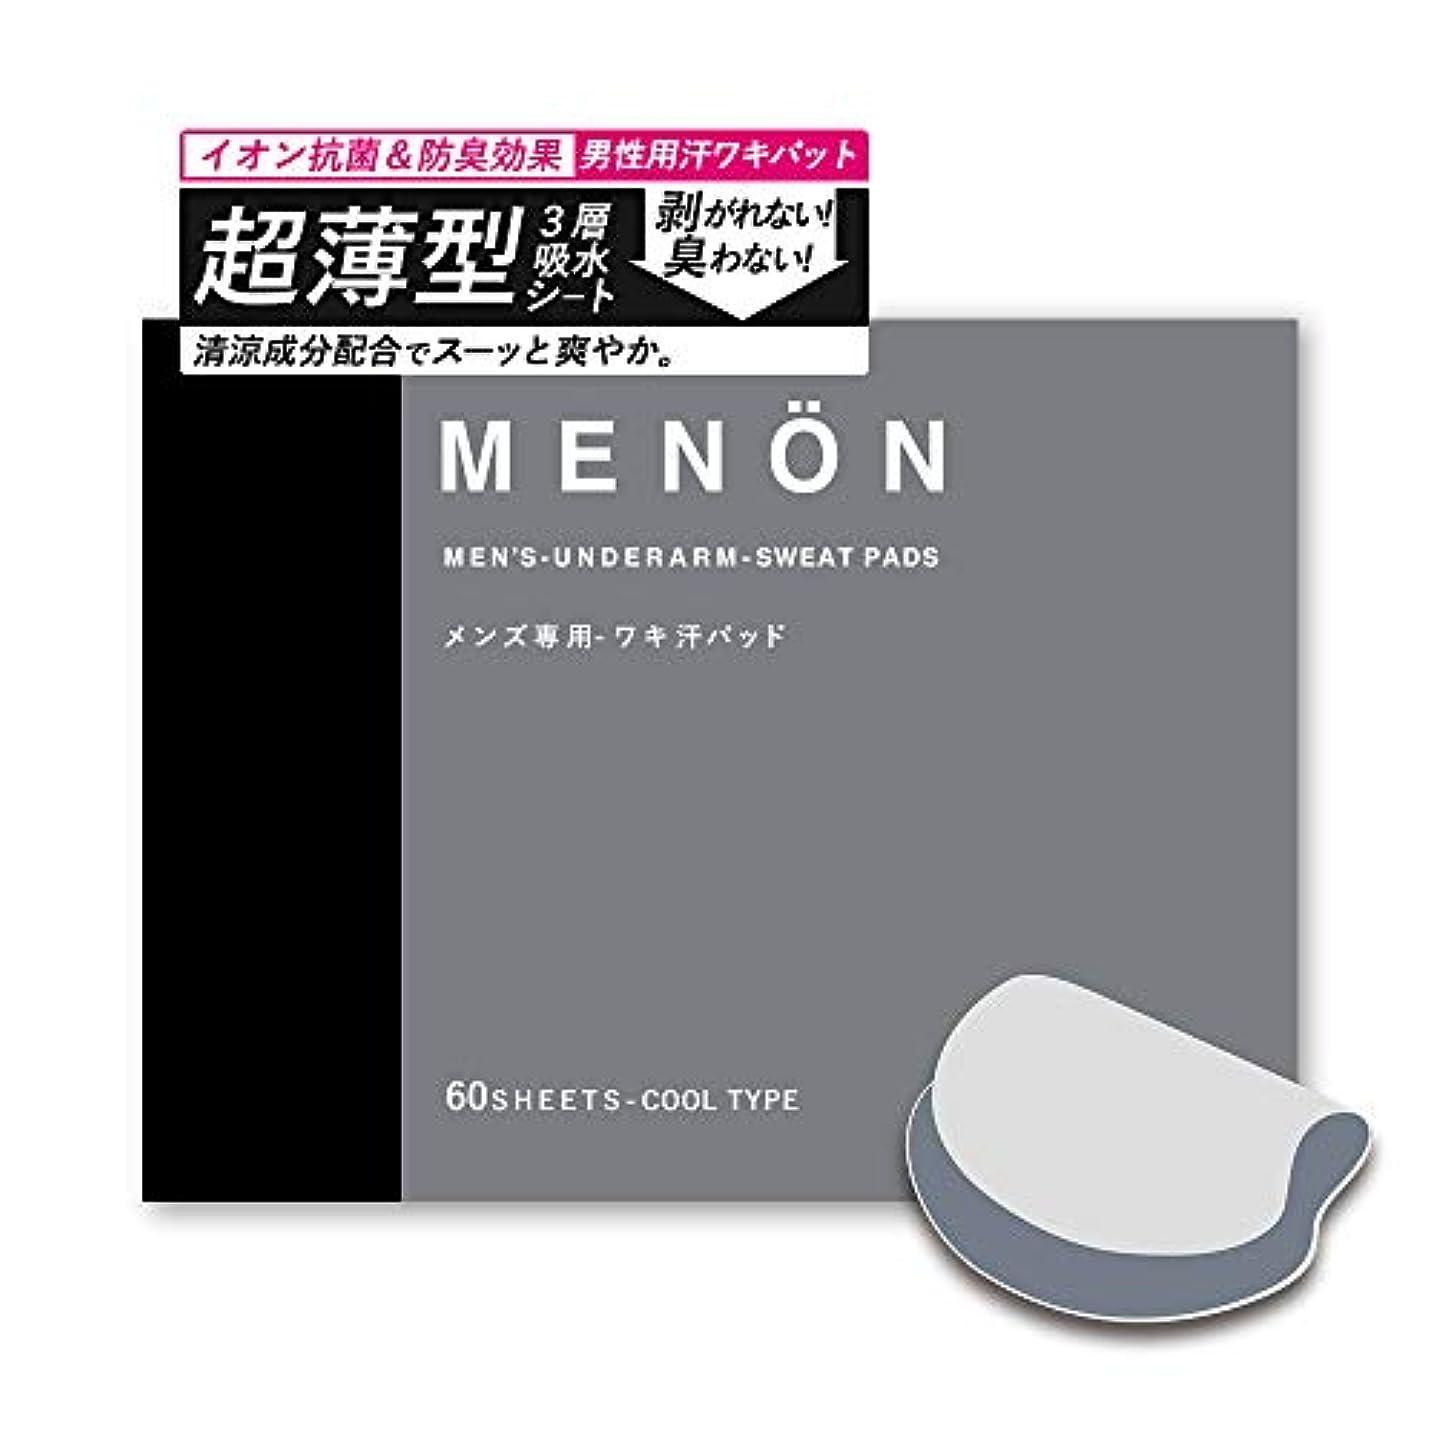 検証ペリスコープ和解するMENON 安心の日本製 脇汗パッド メンズ 使い捨て 汗取りパッド 大容量60枚 (30セット) 清涼成分配合 脇汗 男性用 ボディケア 汗ジミ?臭い予防に パッド シール メノン